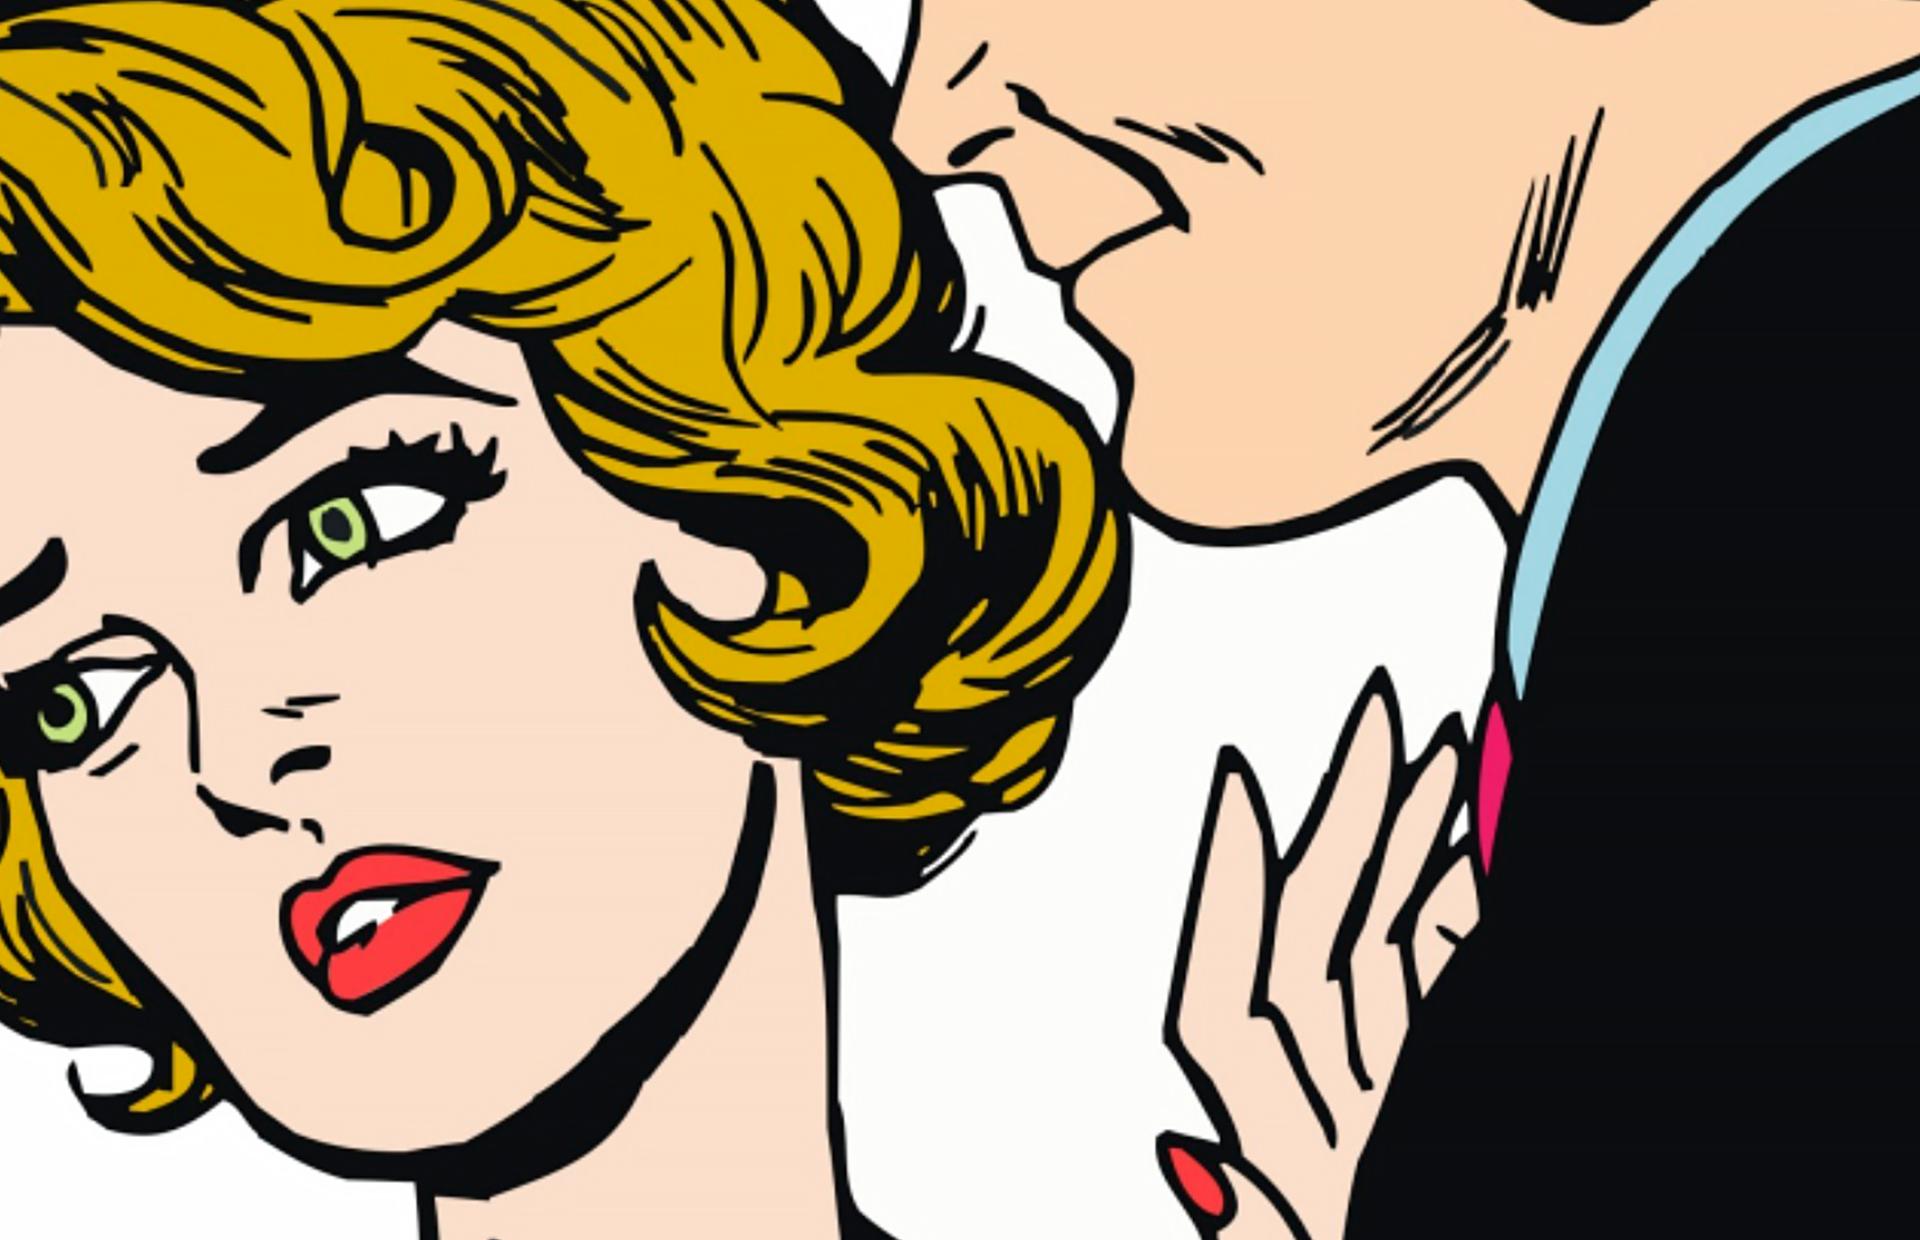 romantika-seks-mstili-porno-roliki-massazh-laski-kiski